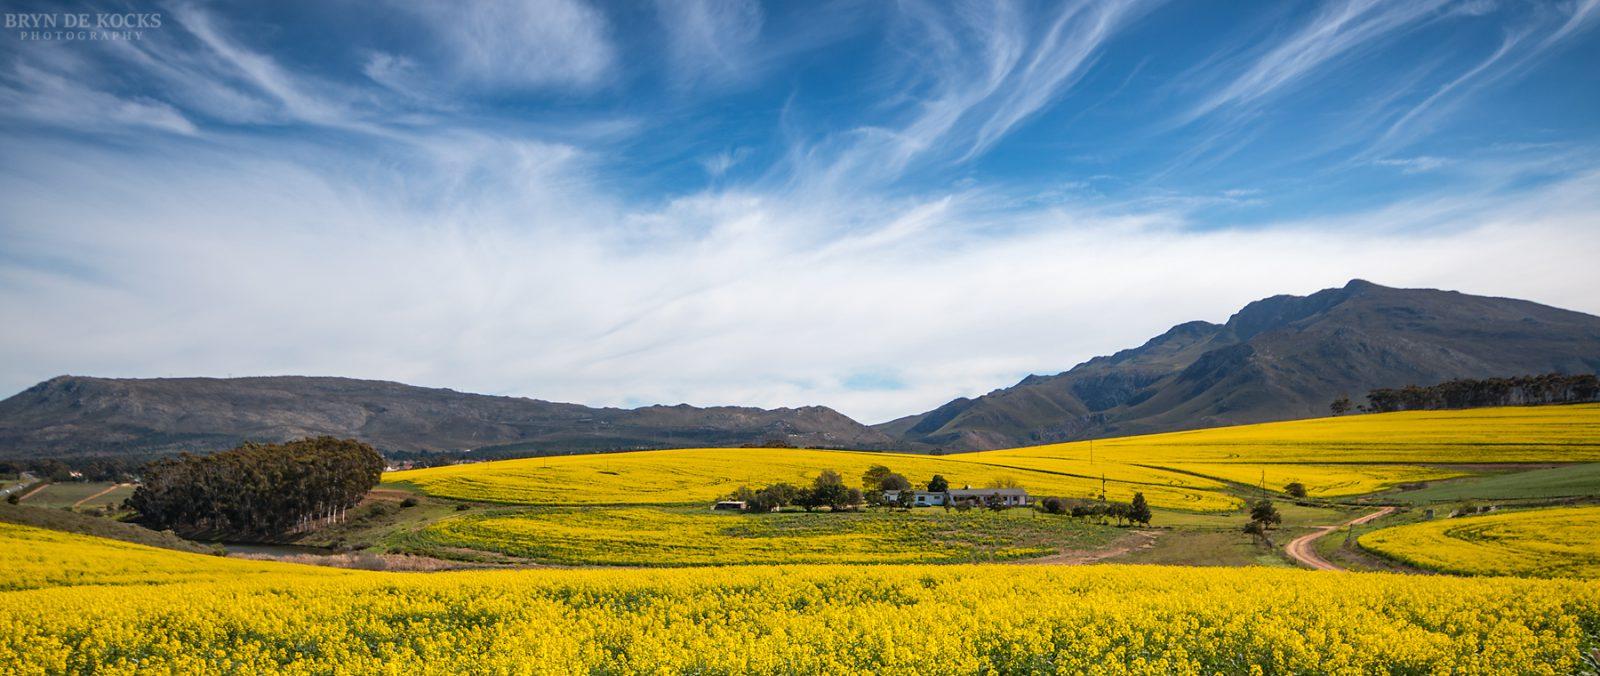 overberg landscape flowers